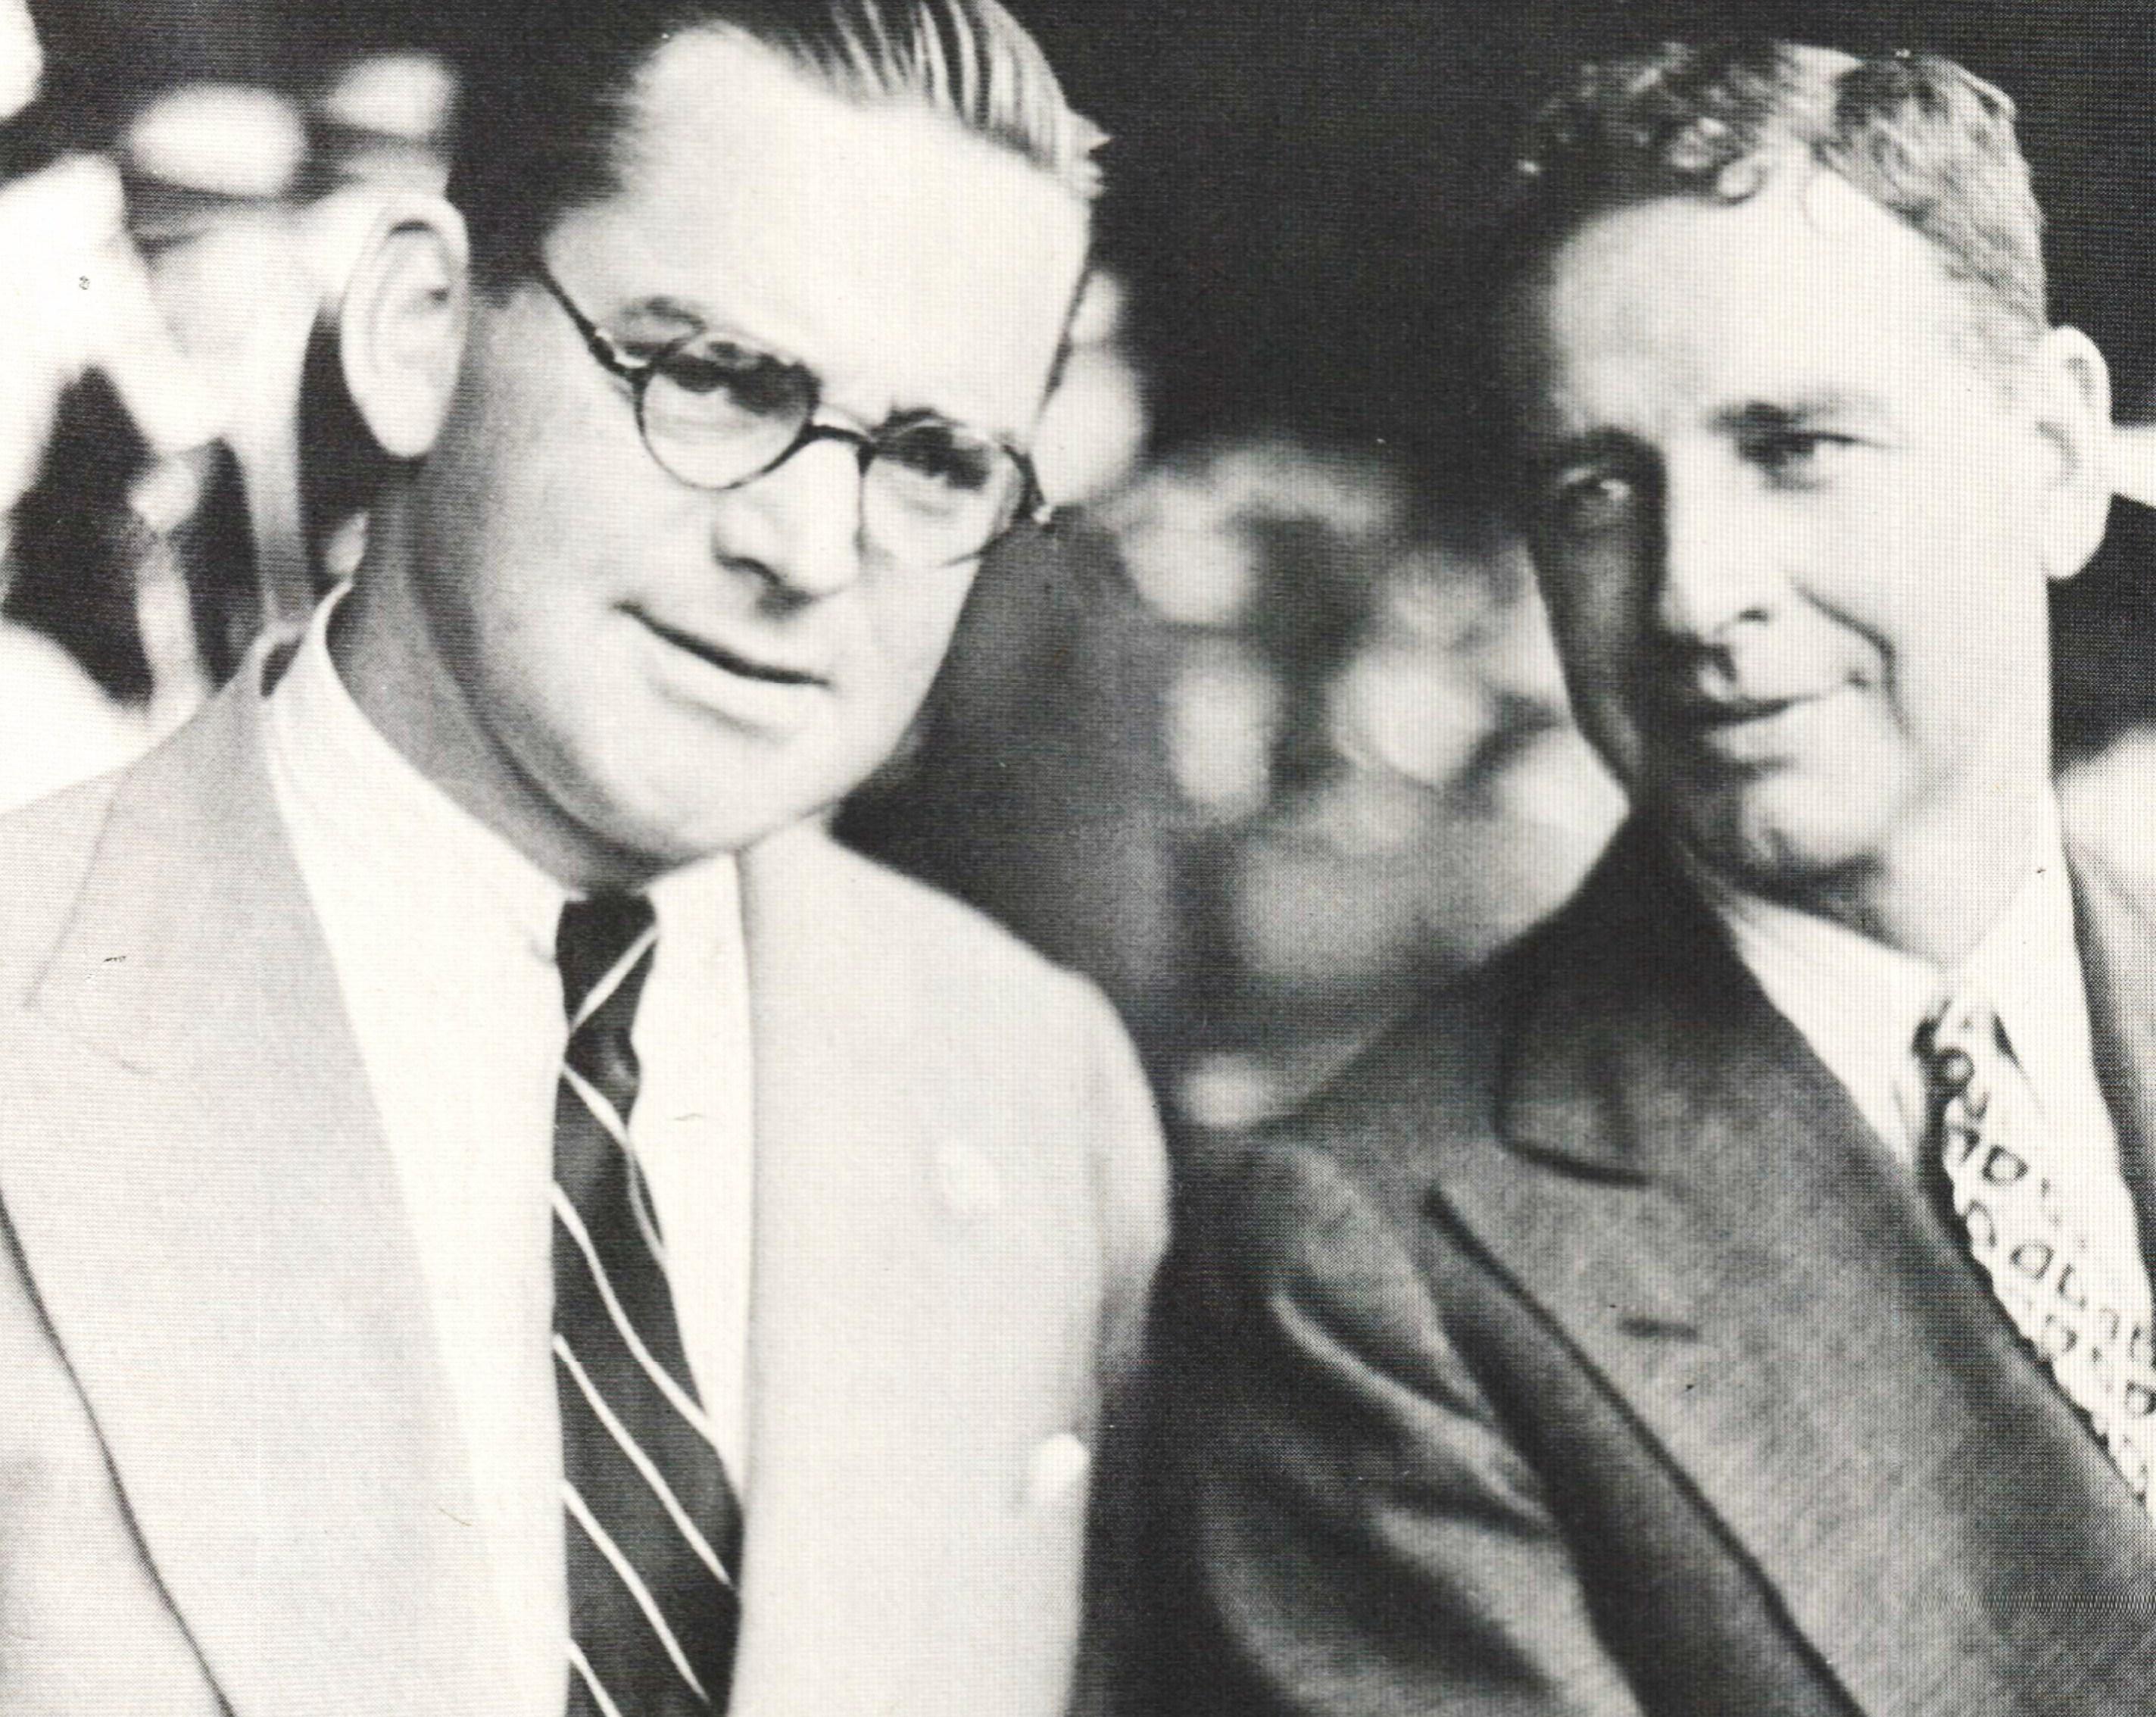 John Hay Whitney, left, and C. V. Whitney (Courtesy of Ken Grayson)